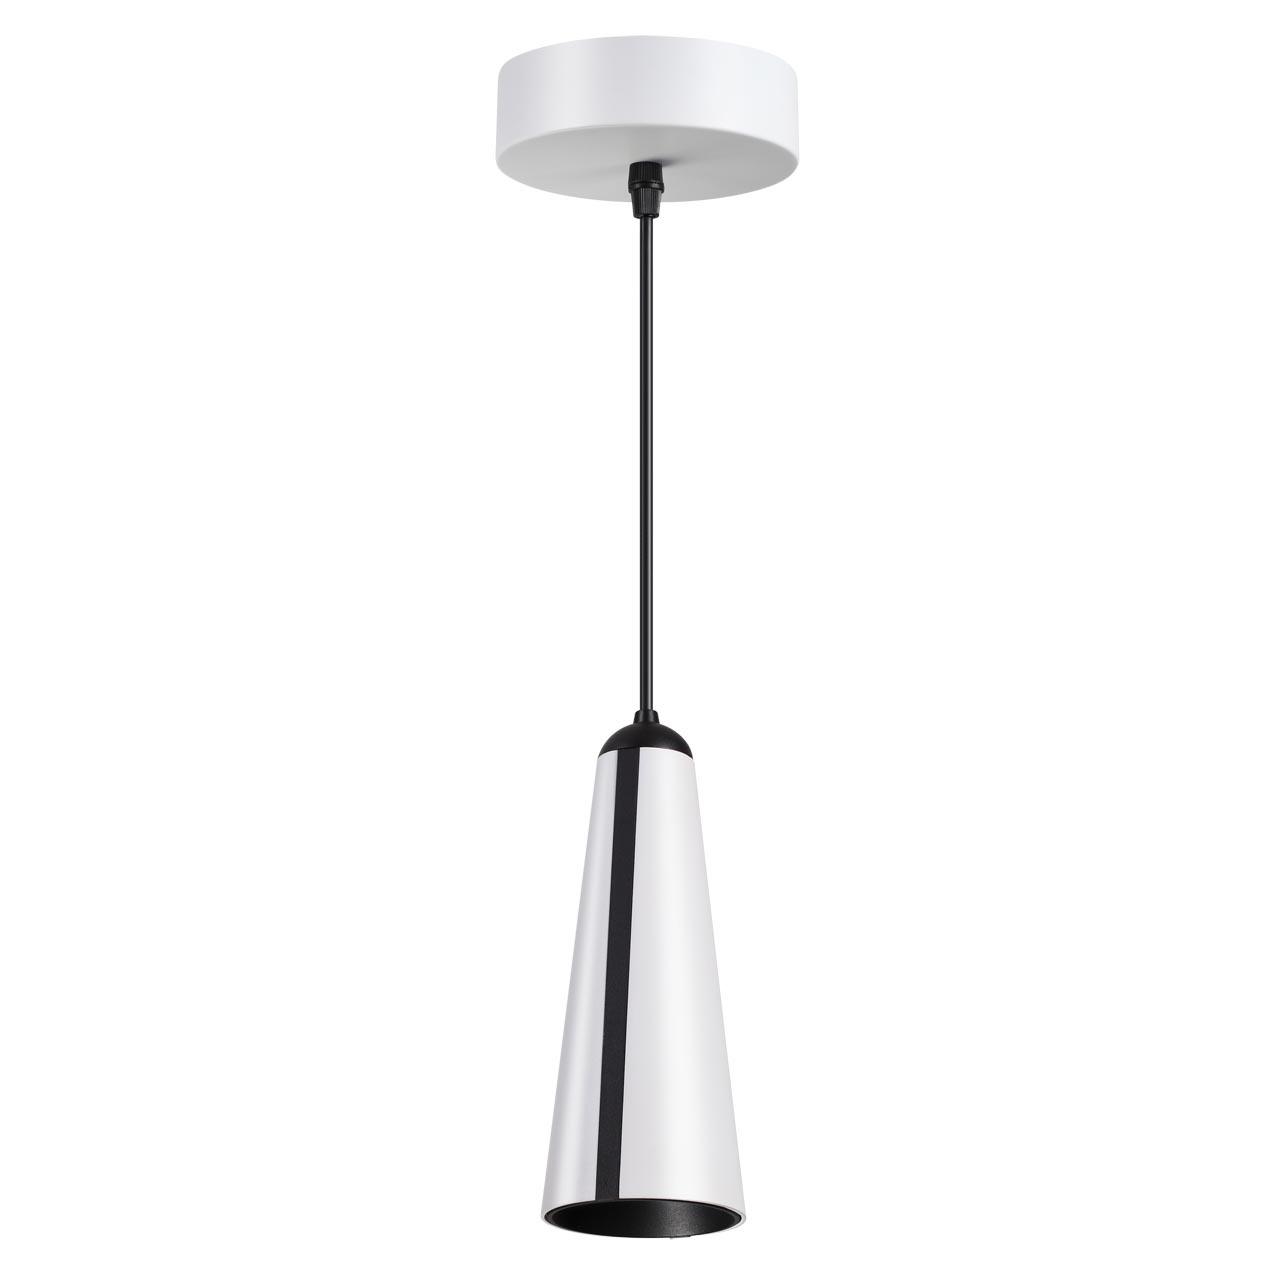 Подвесной светодиодный светильник Novotech Zeus 357865 фото